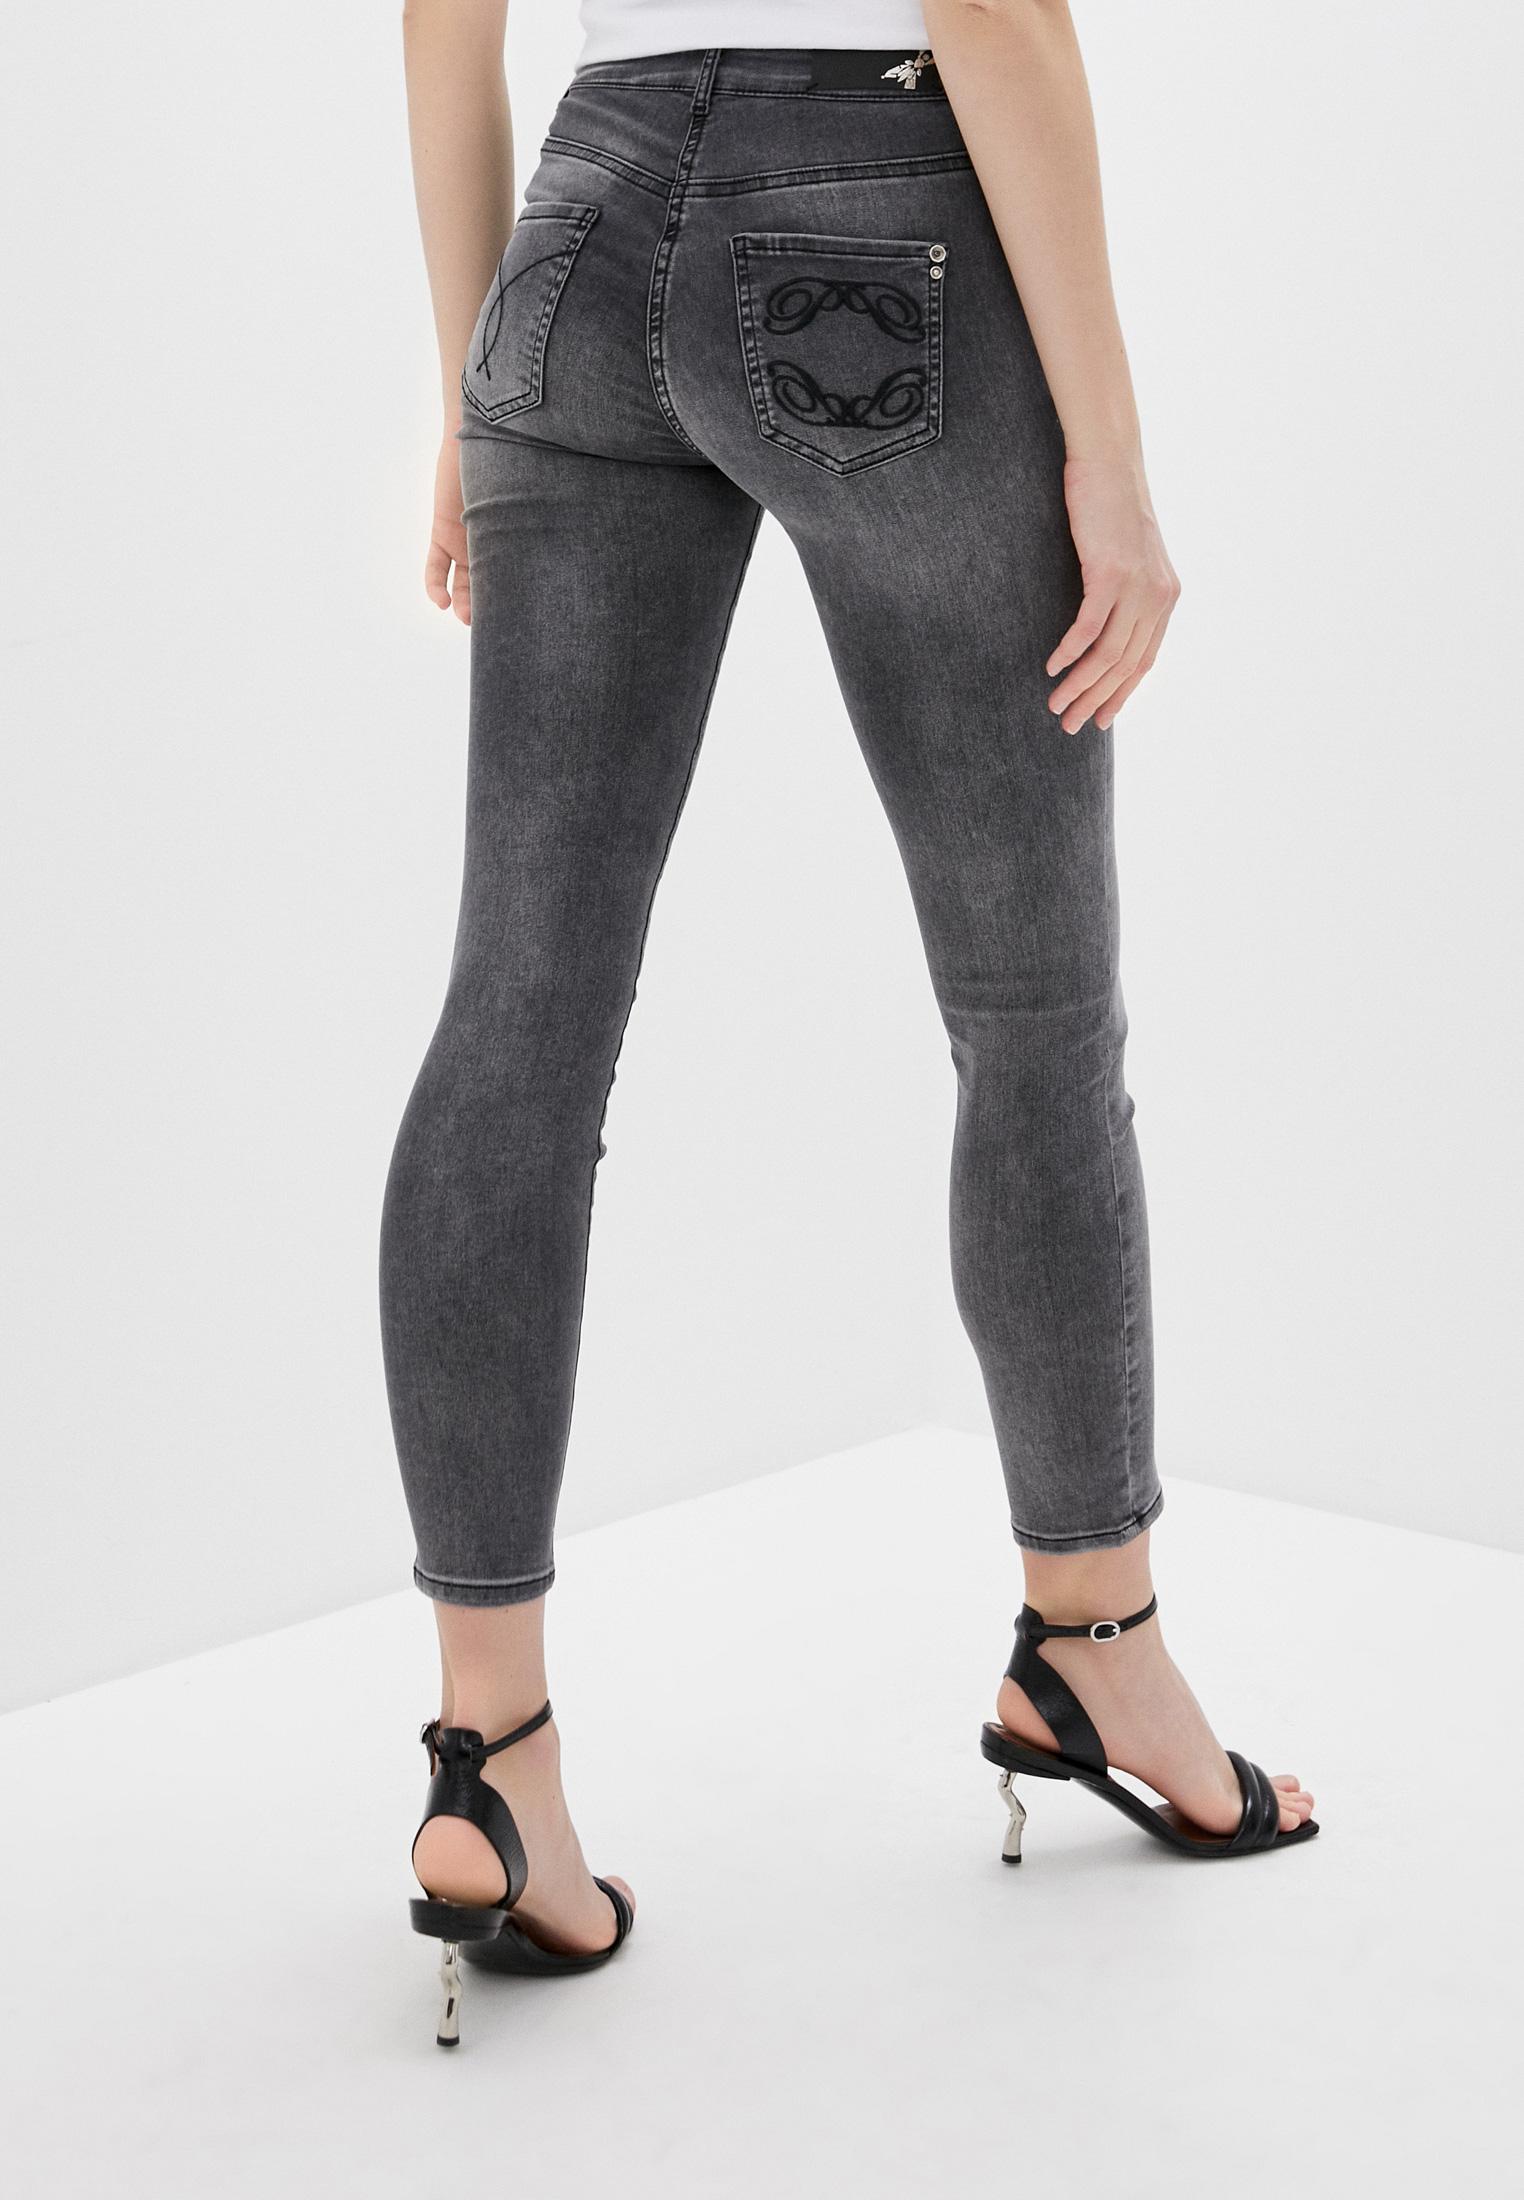 Зауженные джинсы Patrizia Pepe (Патриция Пепе) CJ0509 A1HIN: изображение 4